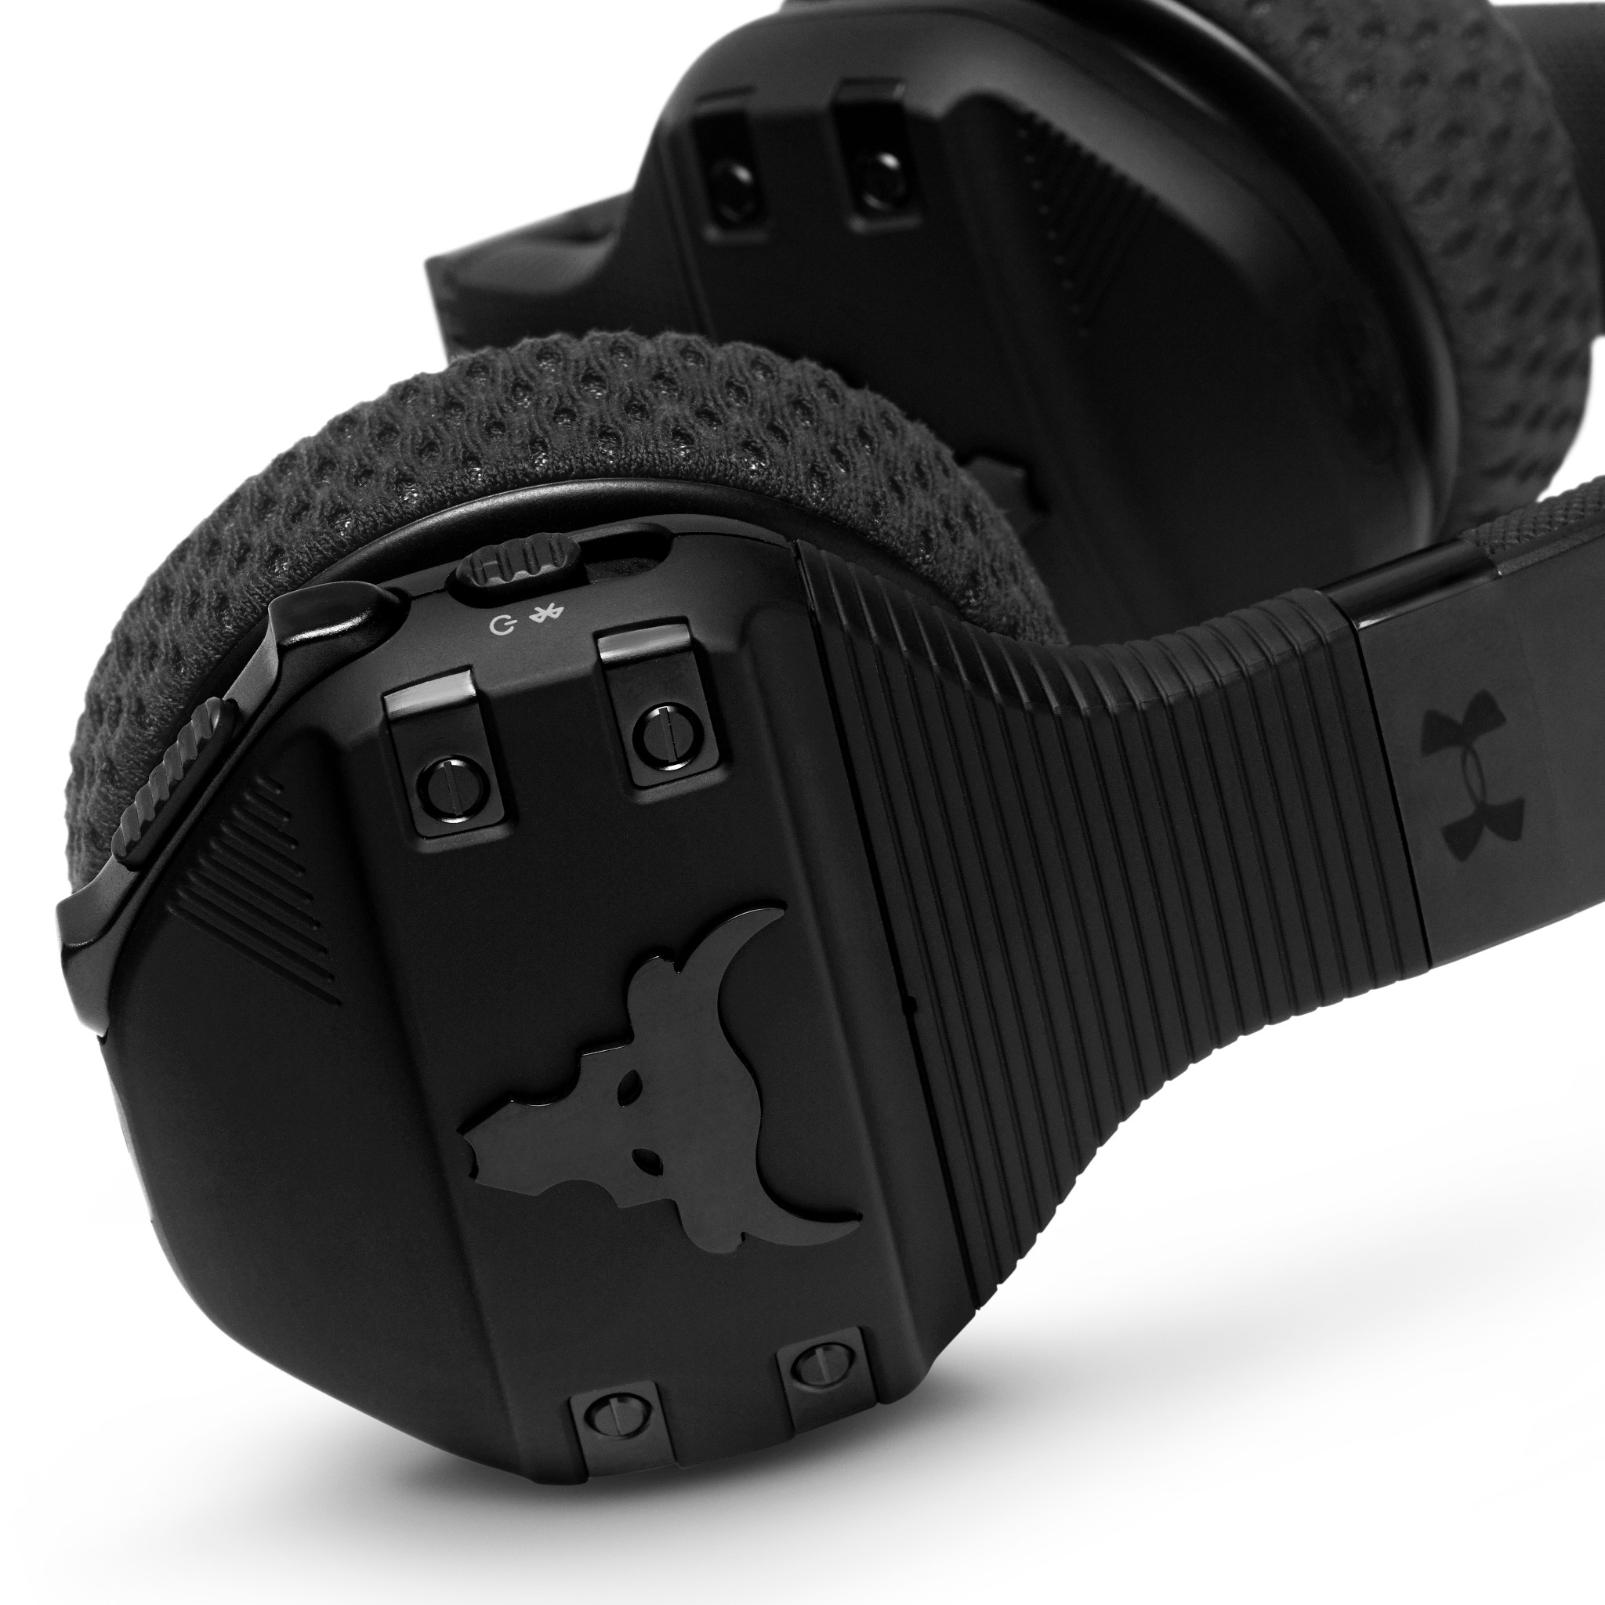 UA Sport Wireless Train Project Rock – Engineered by JBL - Black Matte - On-ear sport Headphones - Detailshot 5